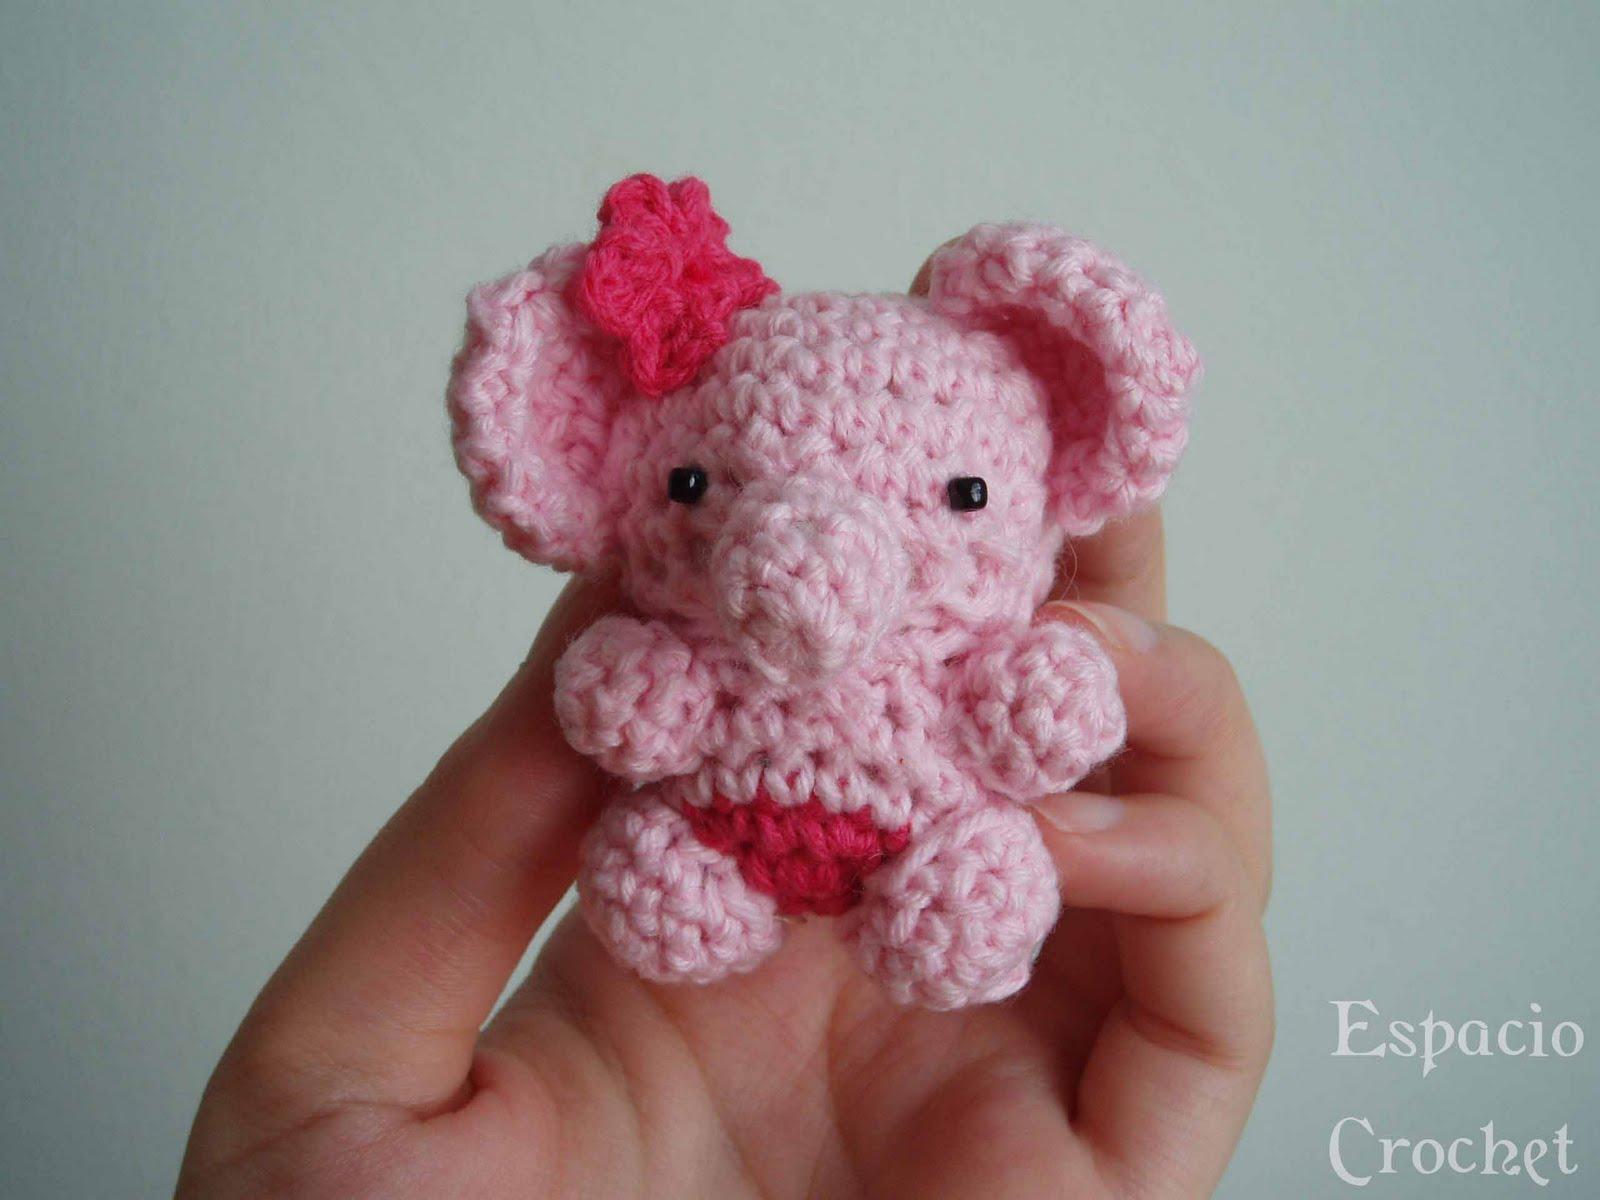 Amigurumi elefante   Espacio Crochet